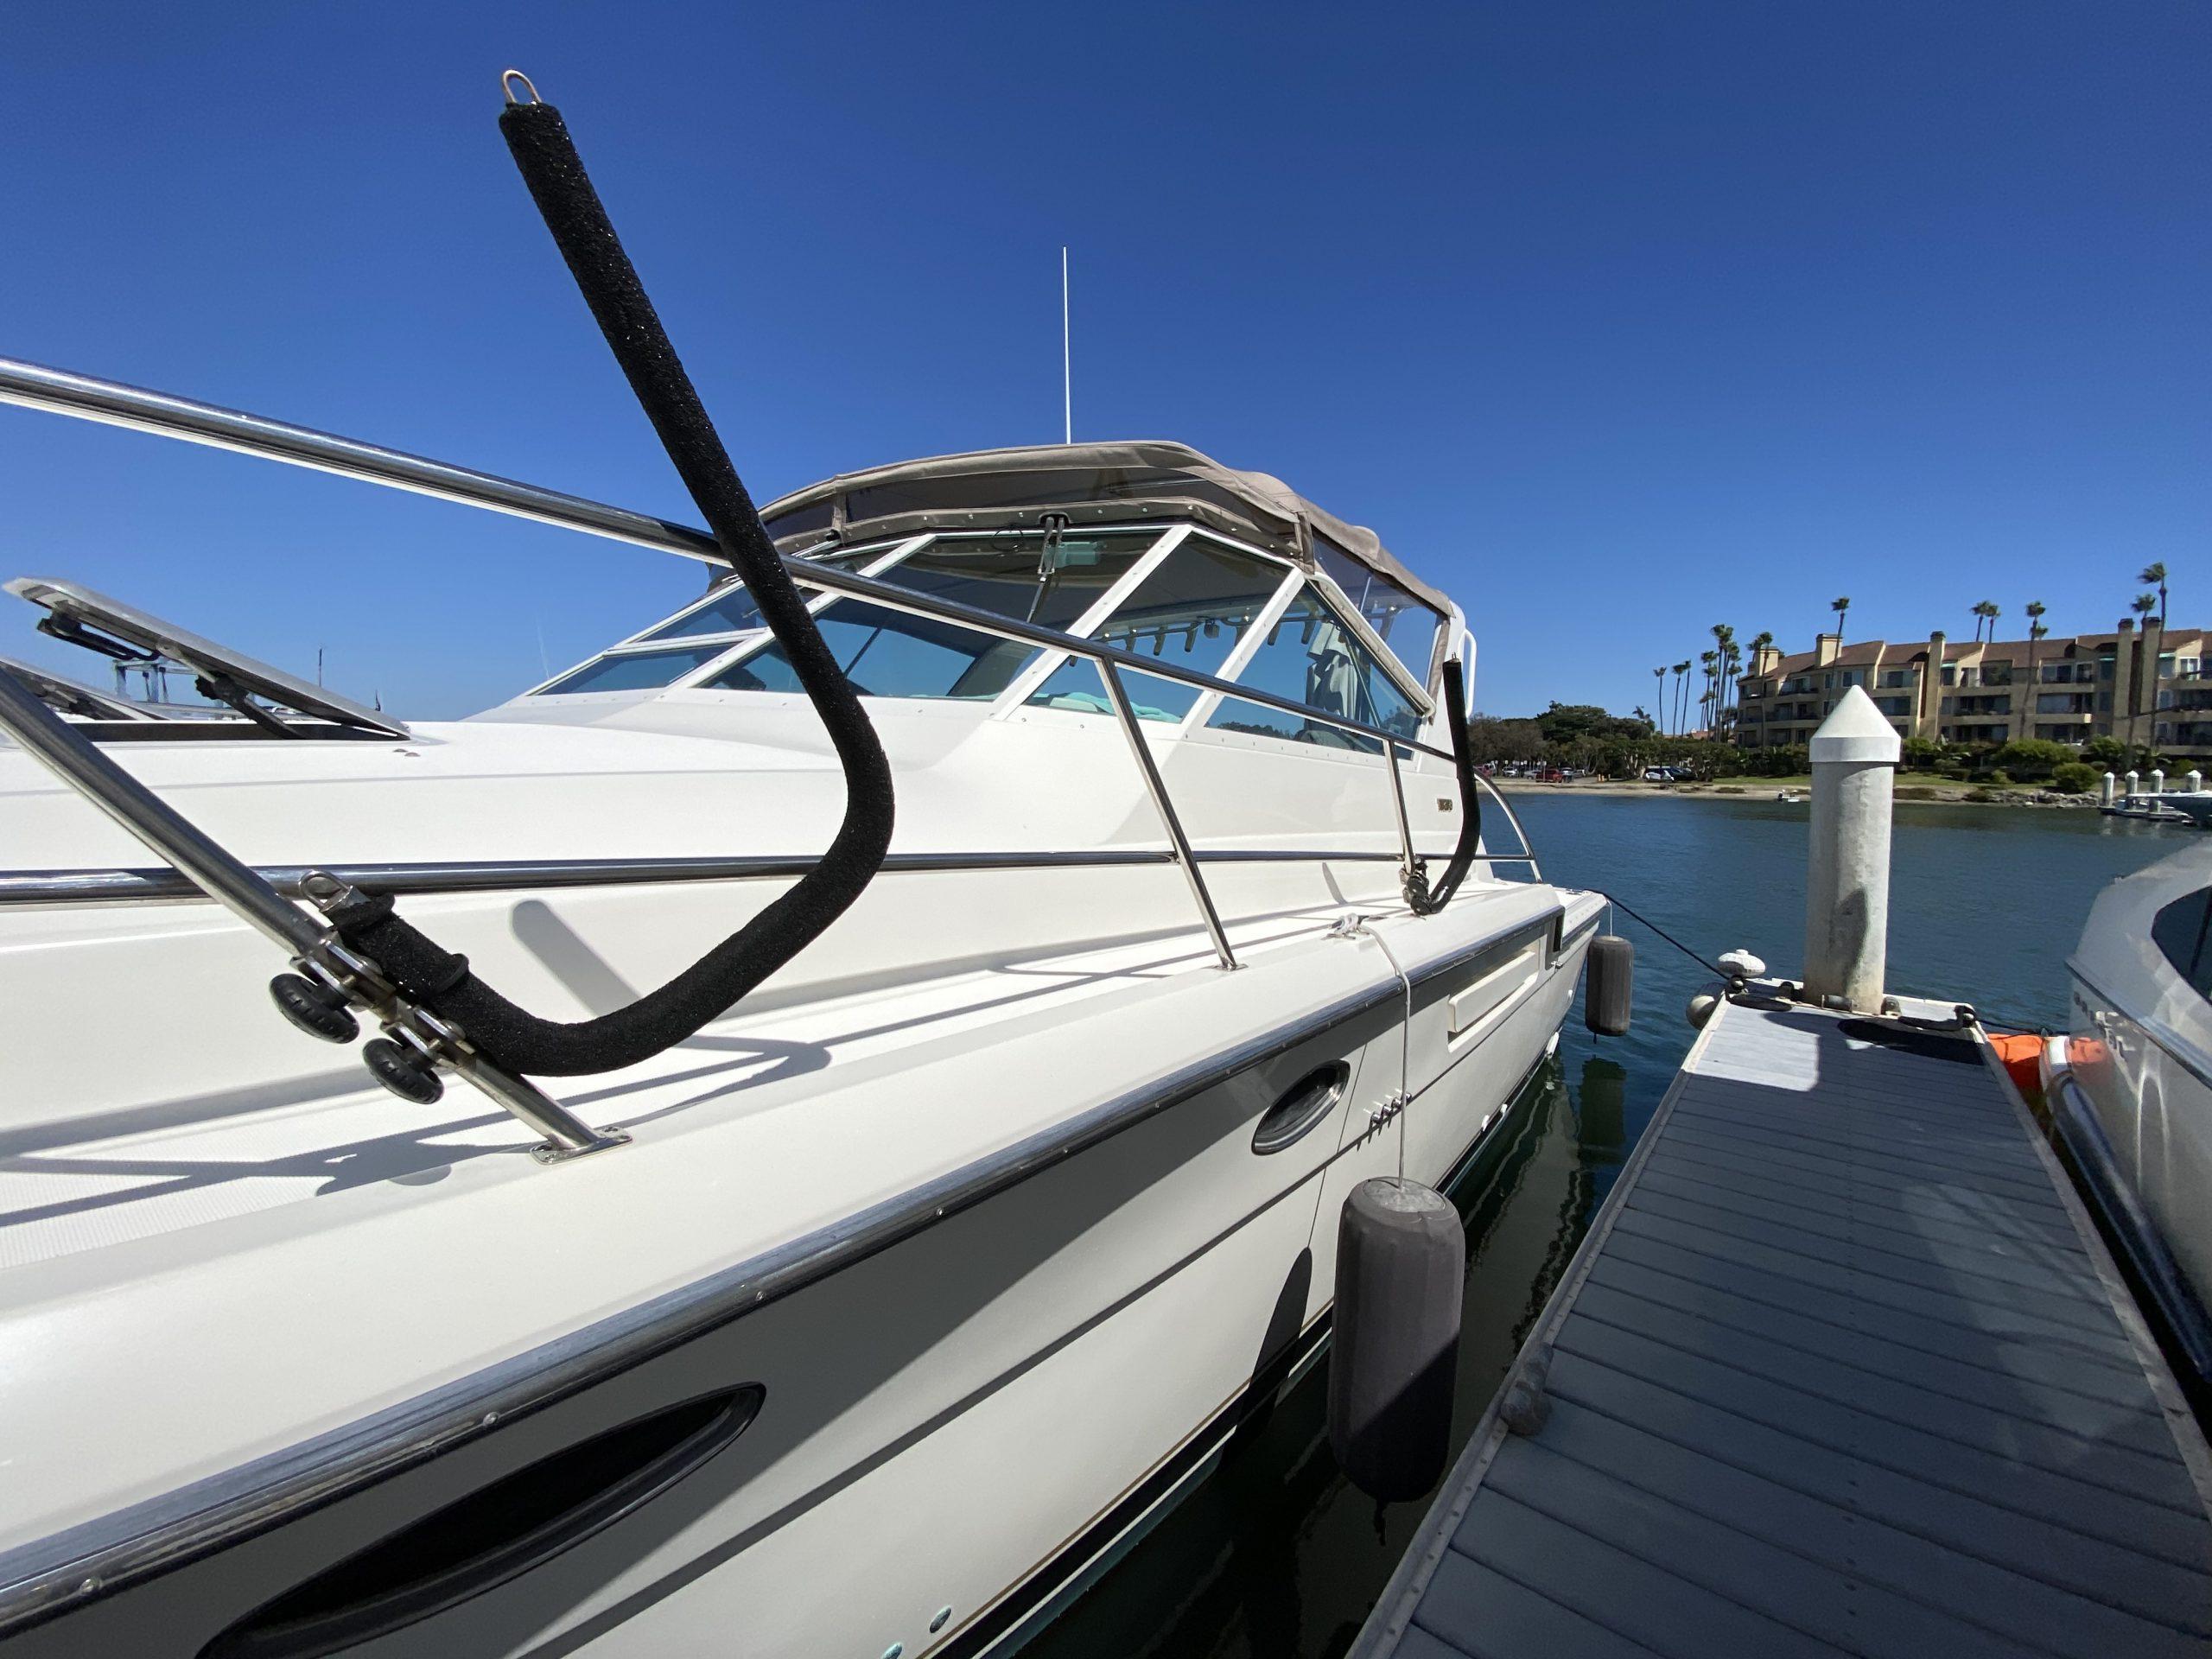 Tiara 3700 yacht